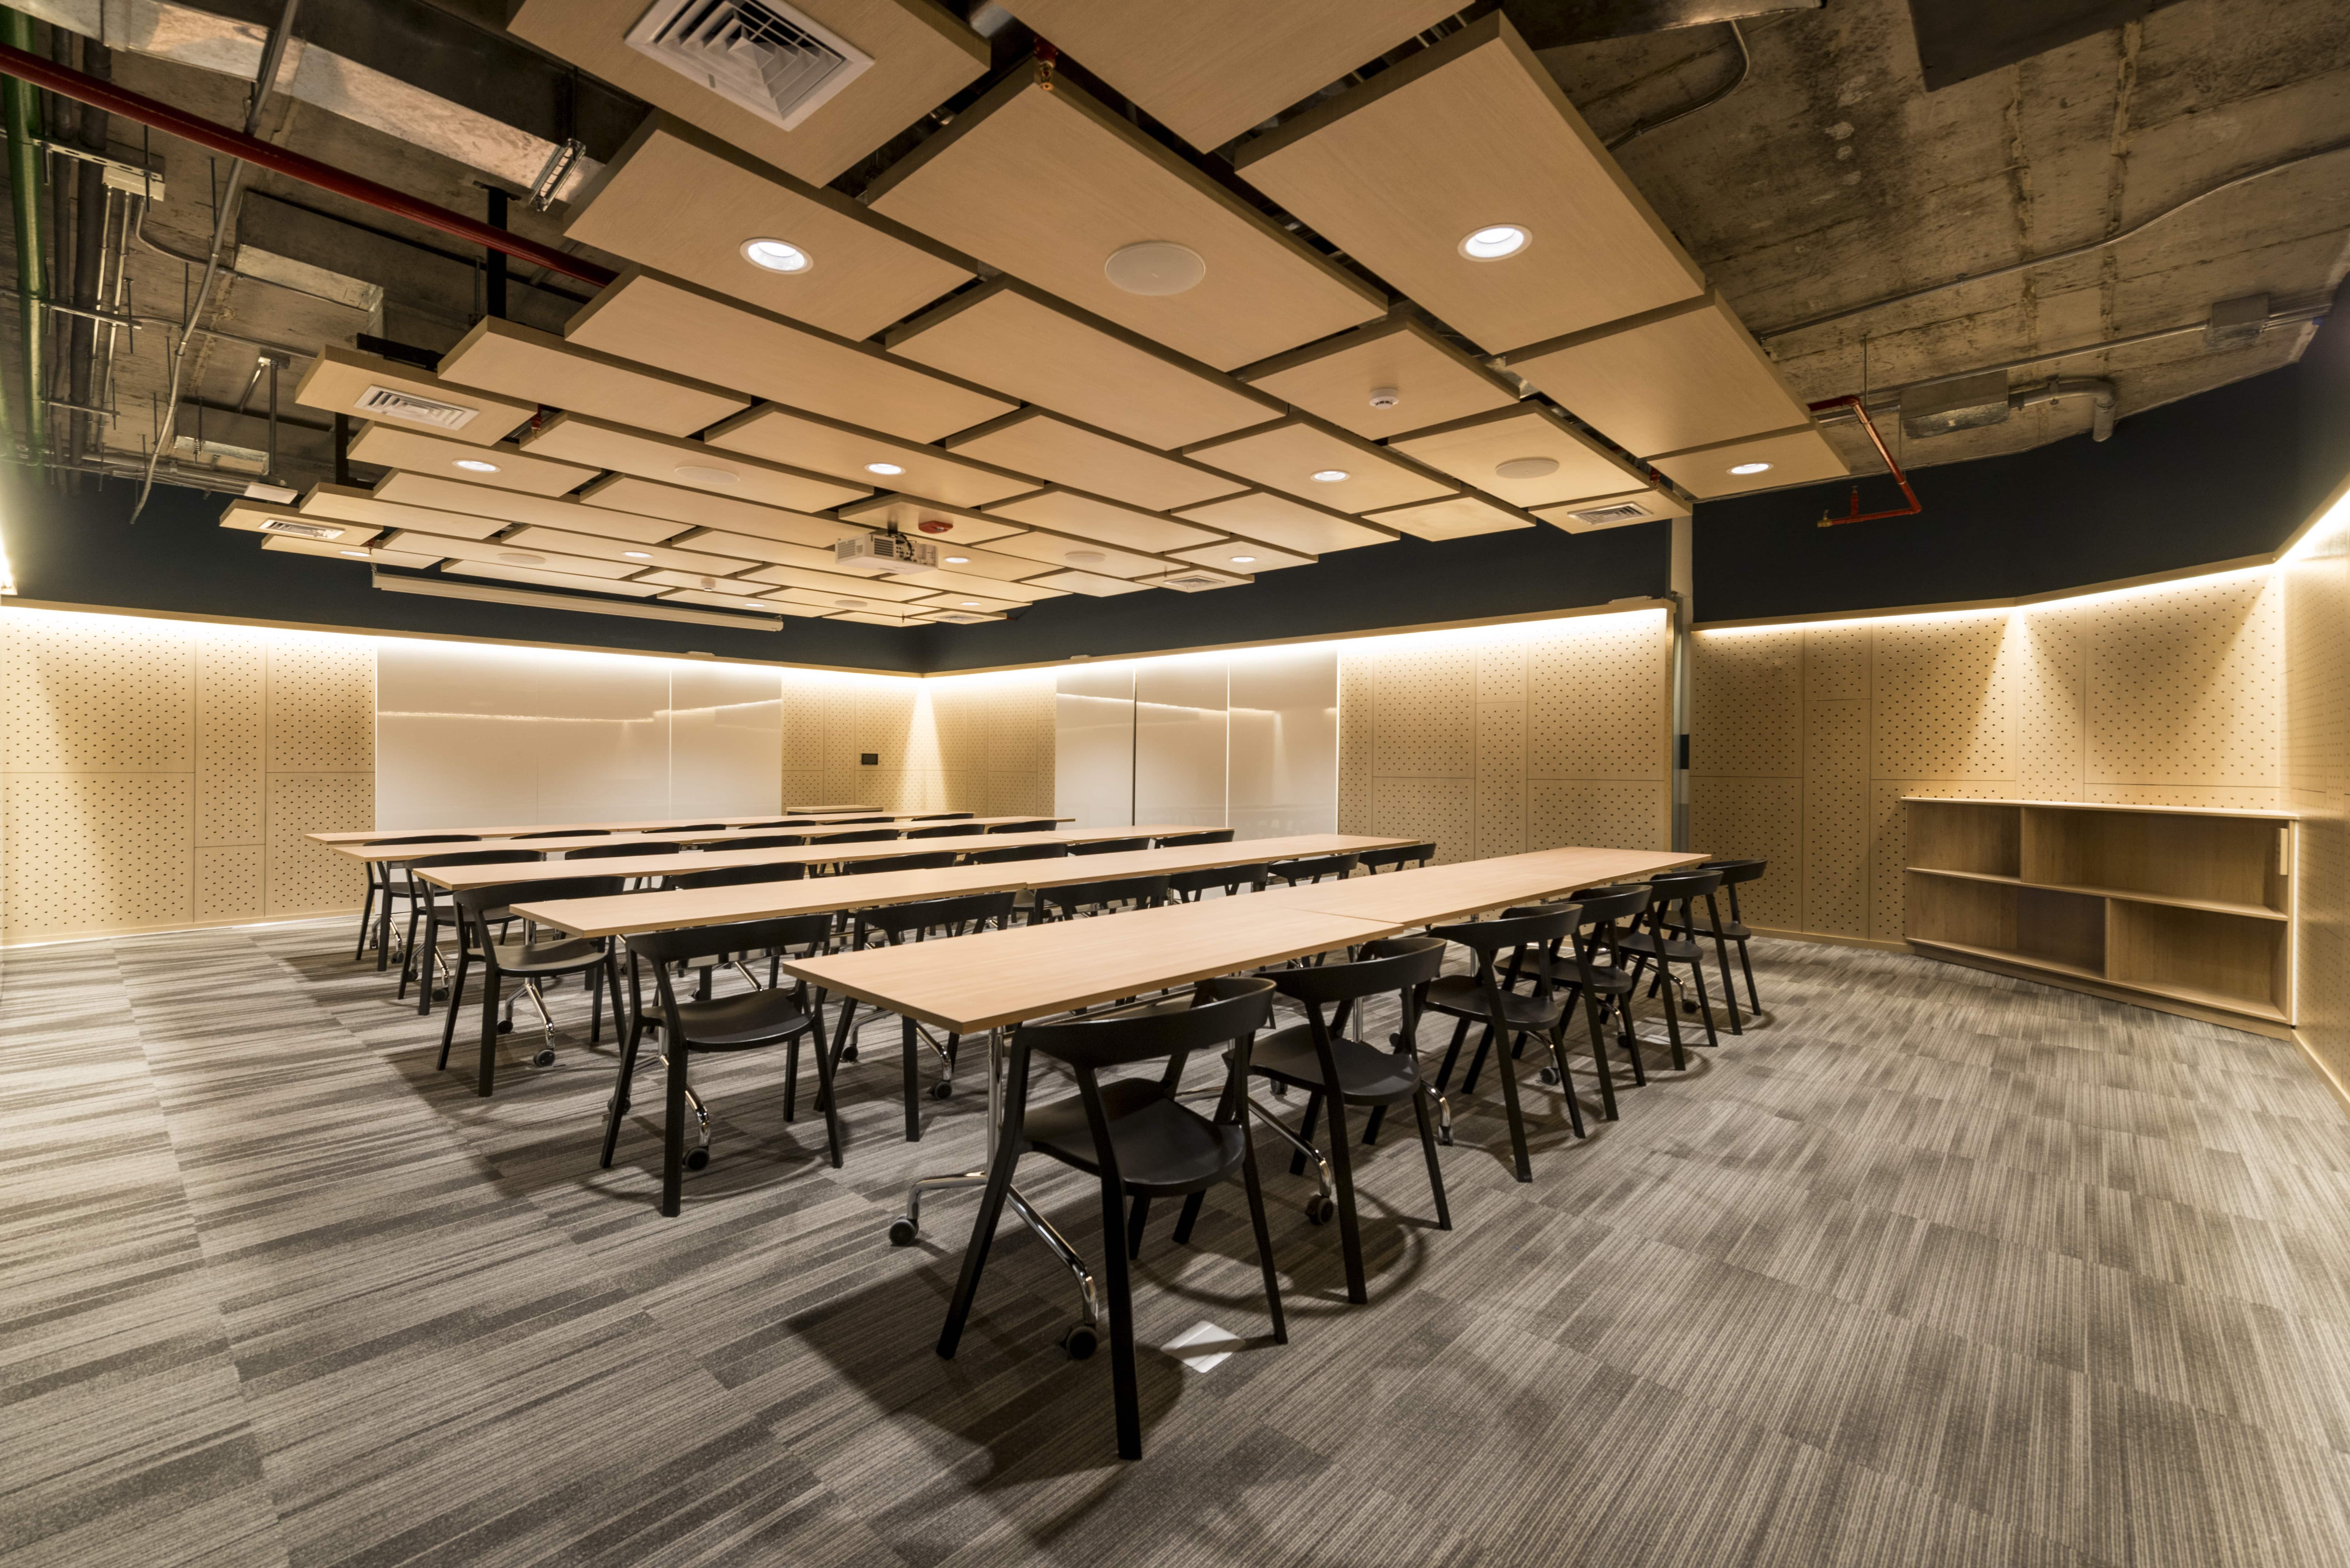 laboratorio de innovacion en un coworking